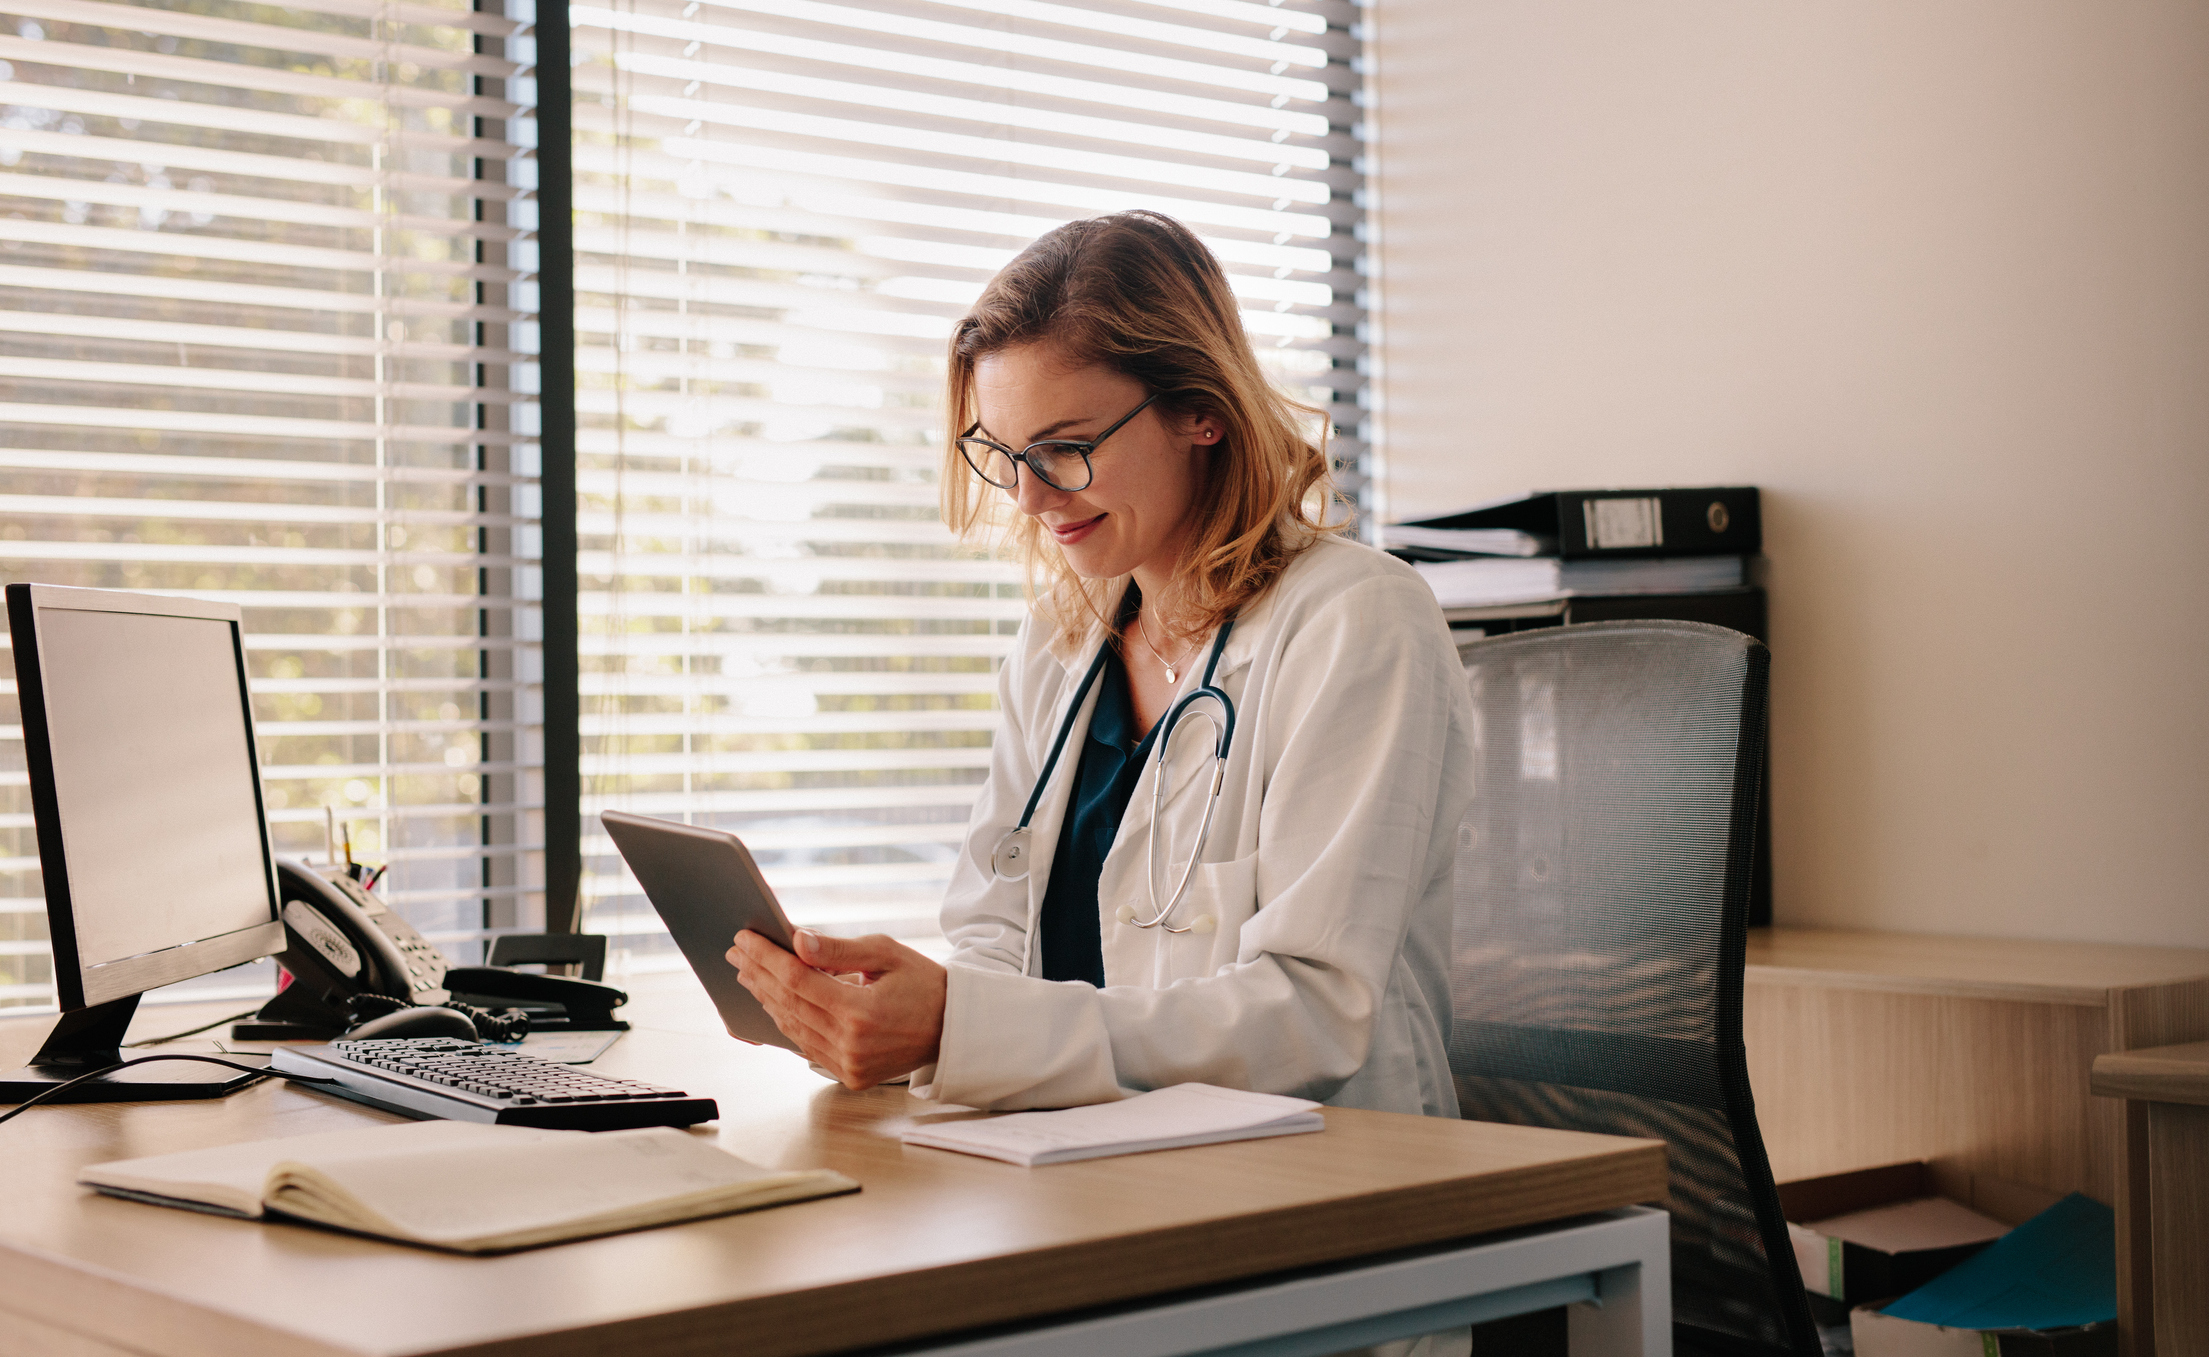 Sustentabilidade na gestão de hospitais e clínicas - Doctoralia